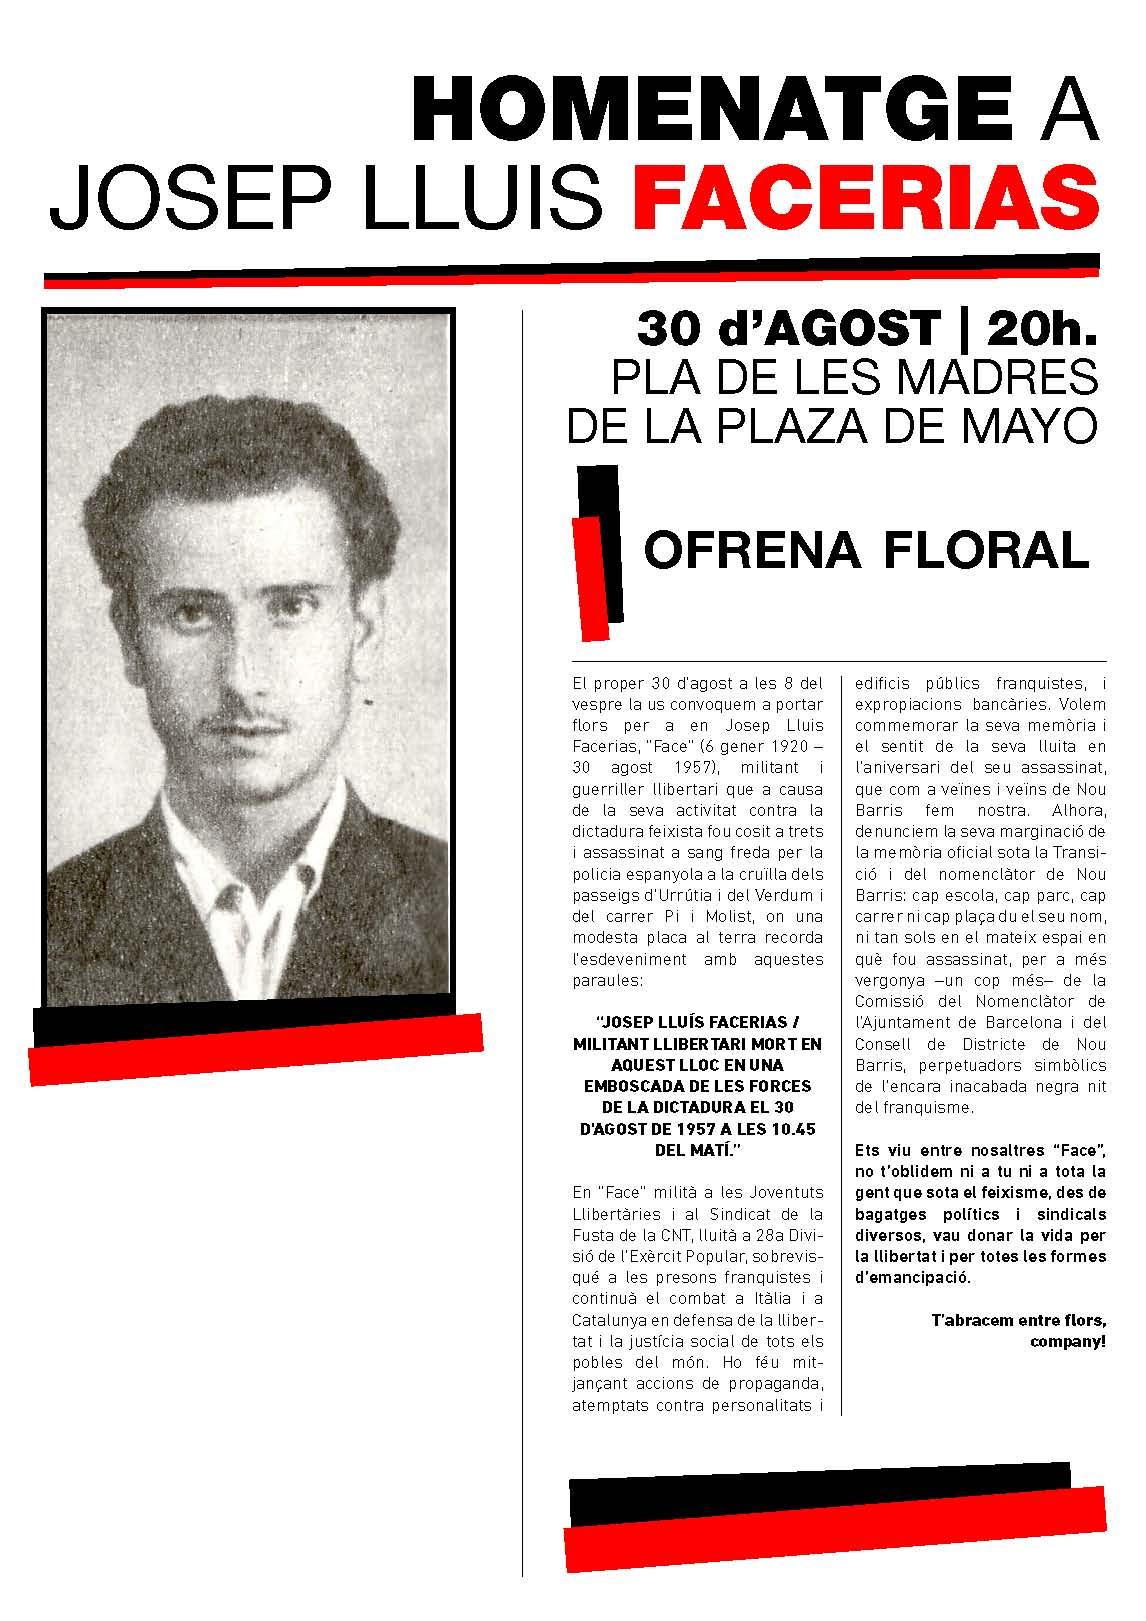 Barcelona 30 d'agost, homenatge a Josep Lluis Facerias